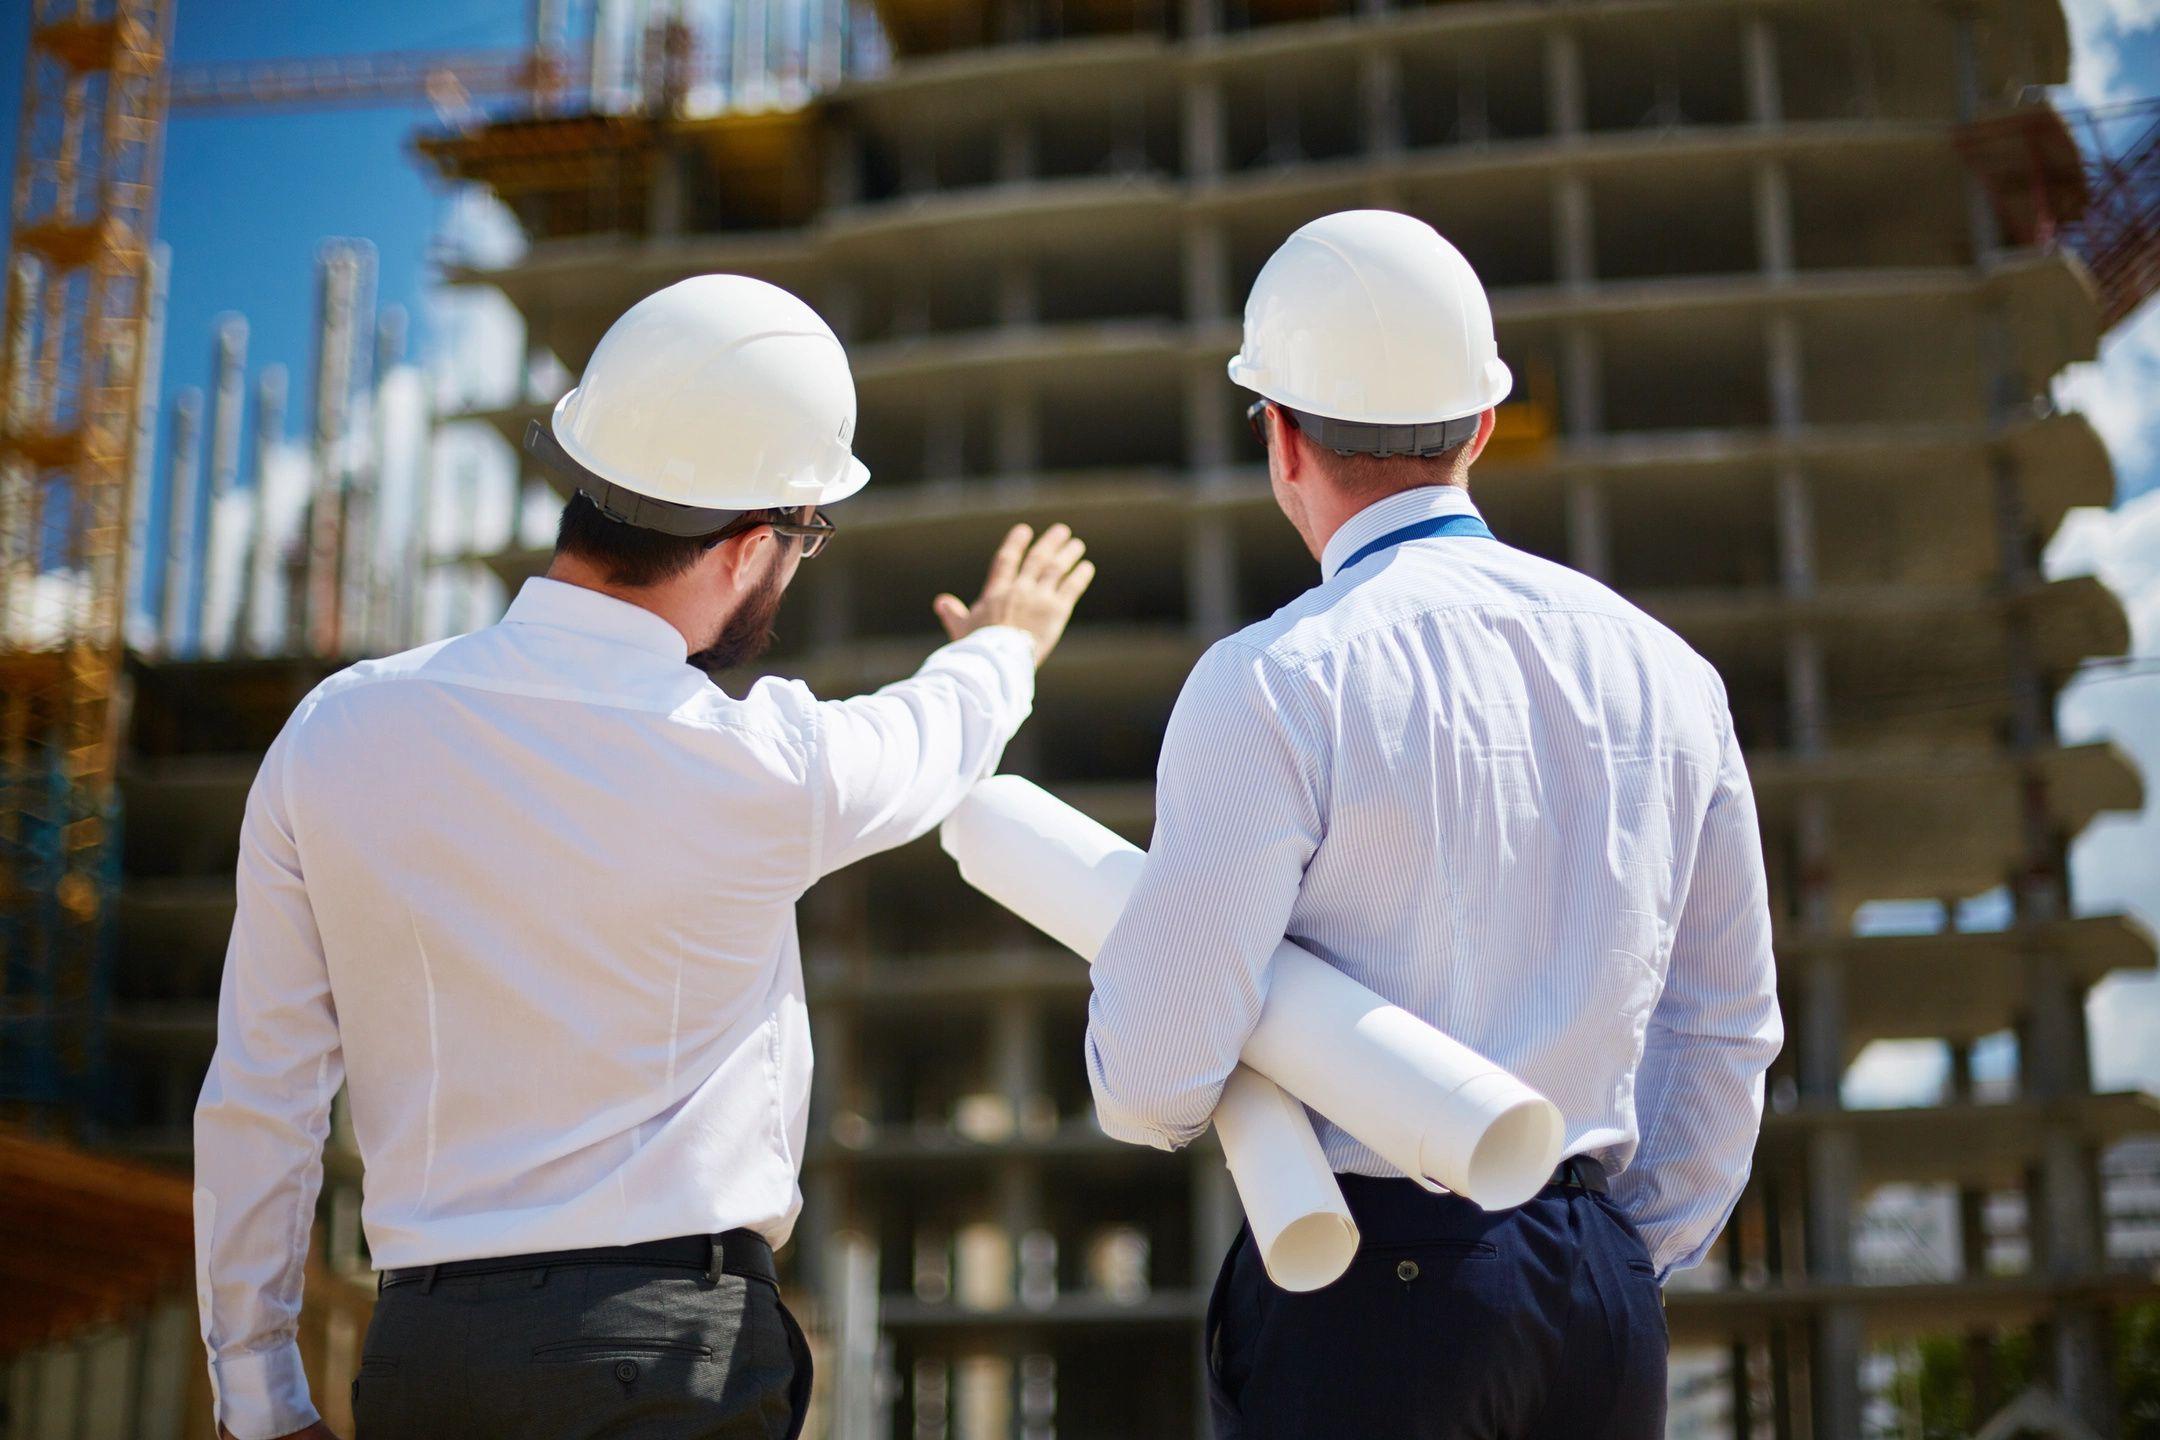 Инженер-строитель принадлежит к разряду творческих профессий, здесь необходим анализ, испытания, конструирование и проектирование